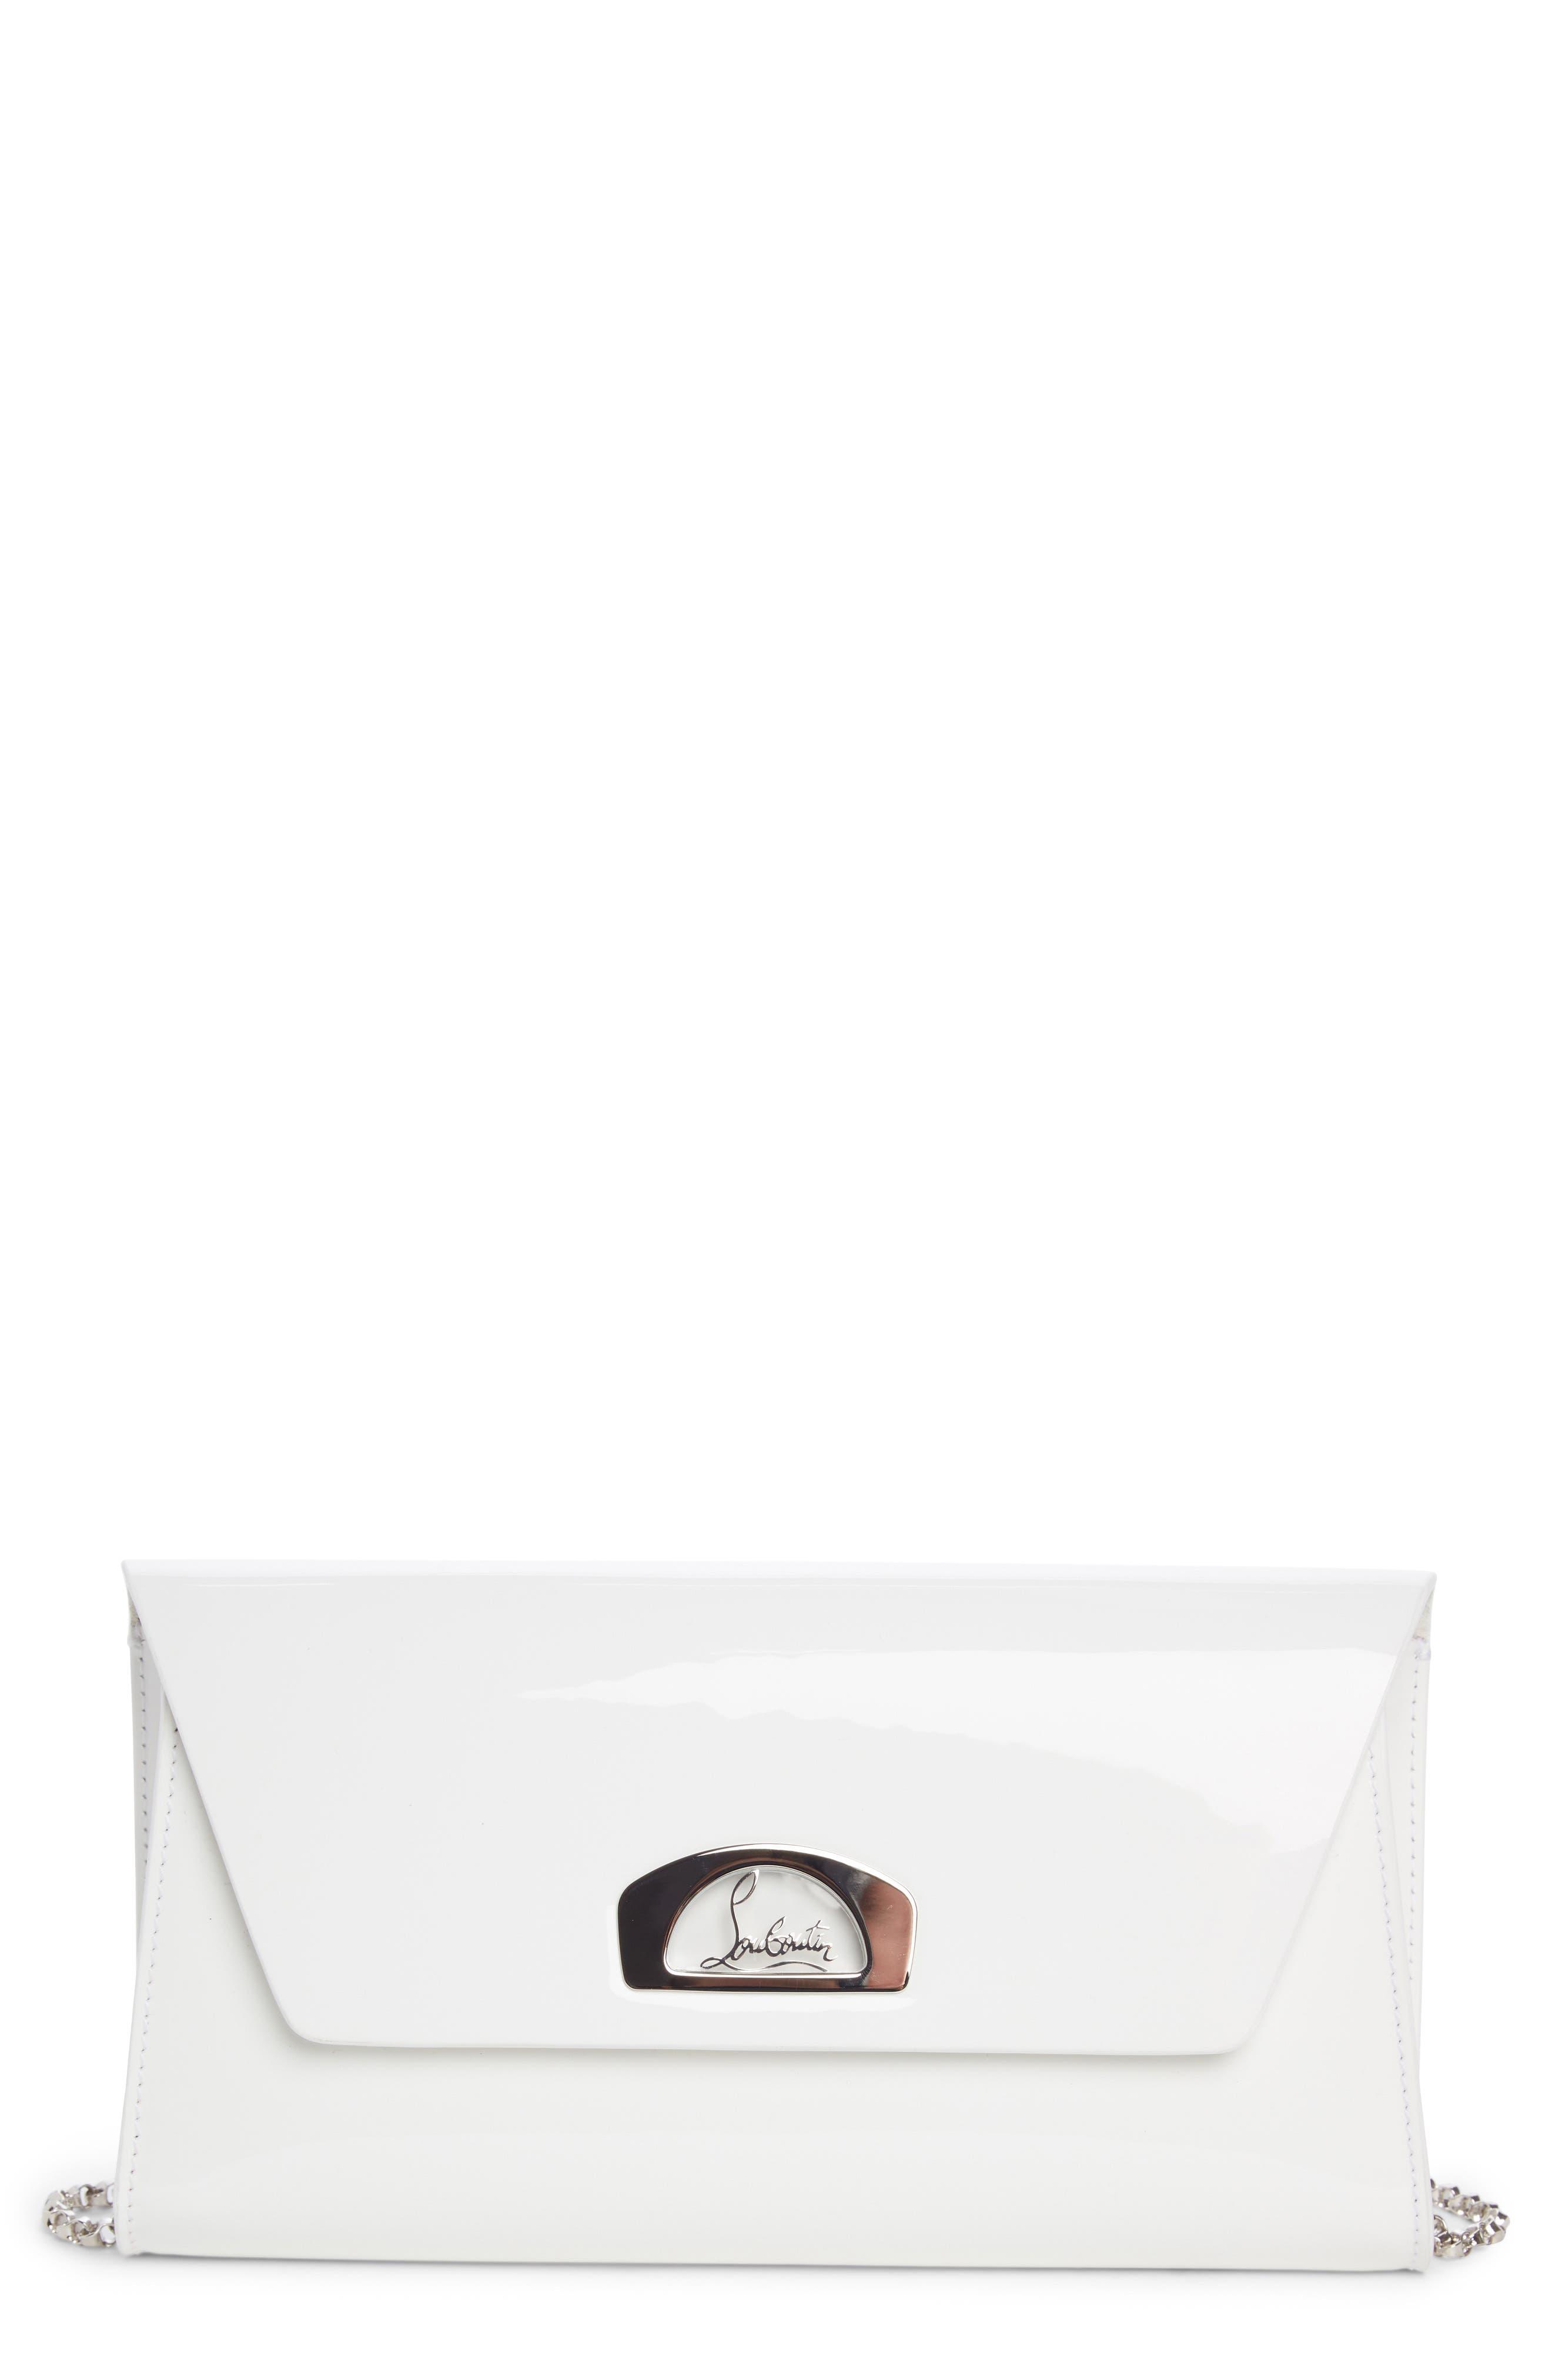 Vero Dodat Patent Leather Clutch,                         Main,                         color, Latte